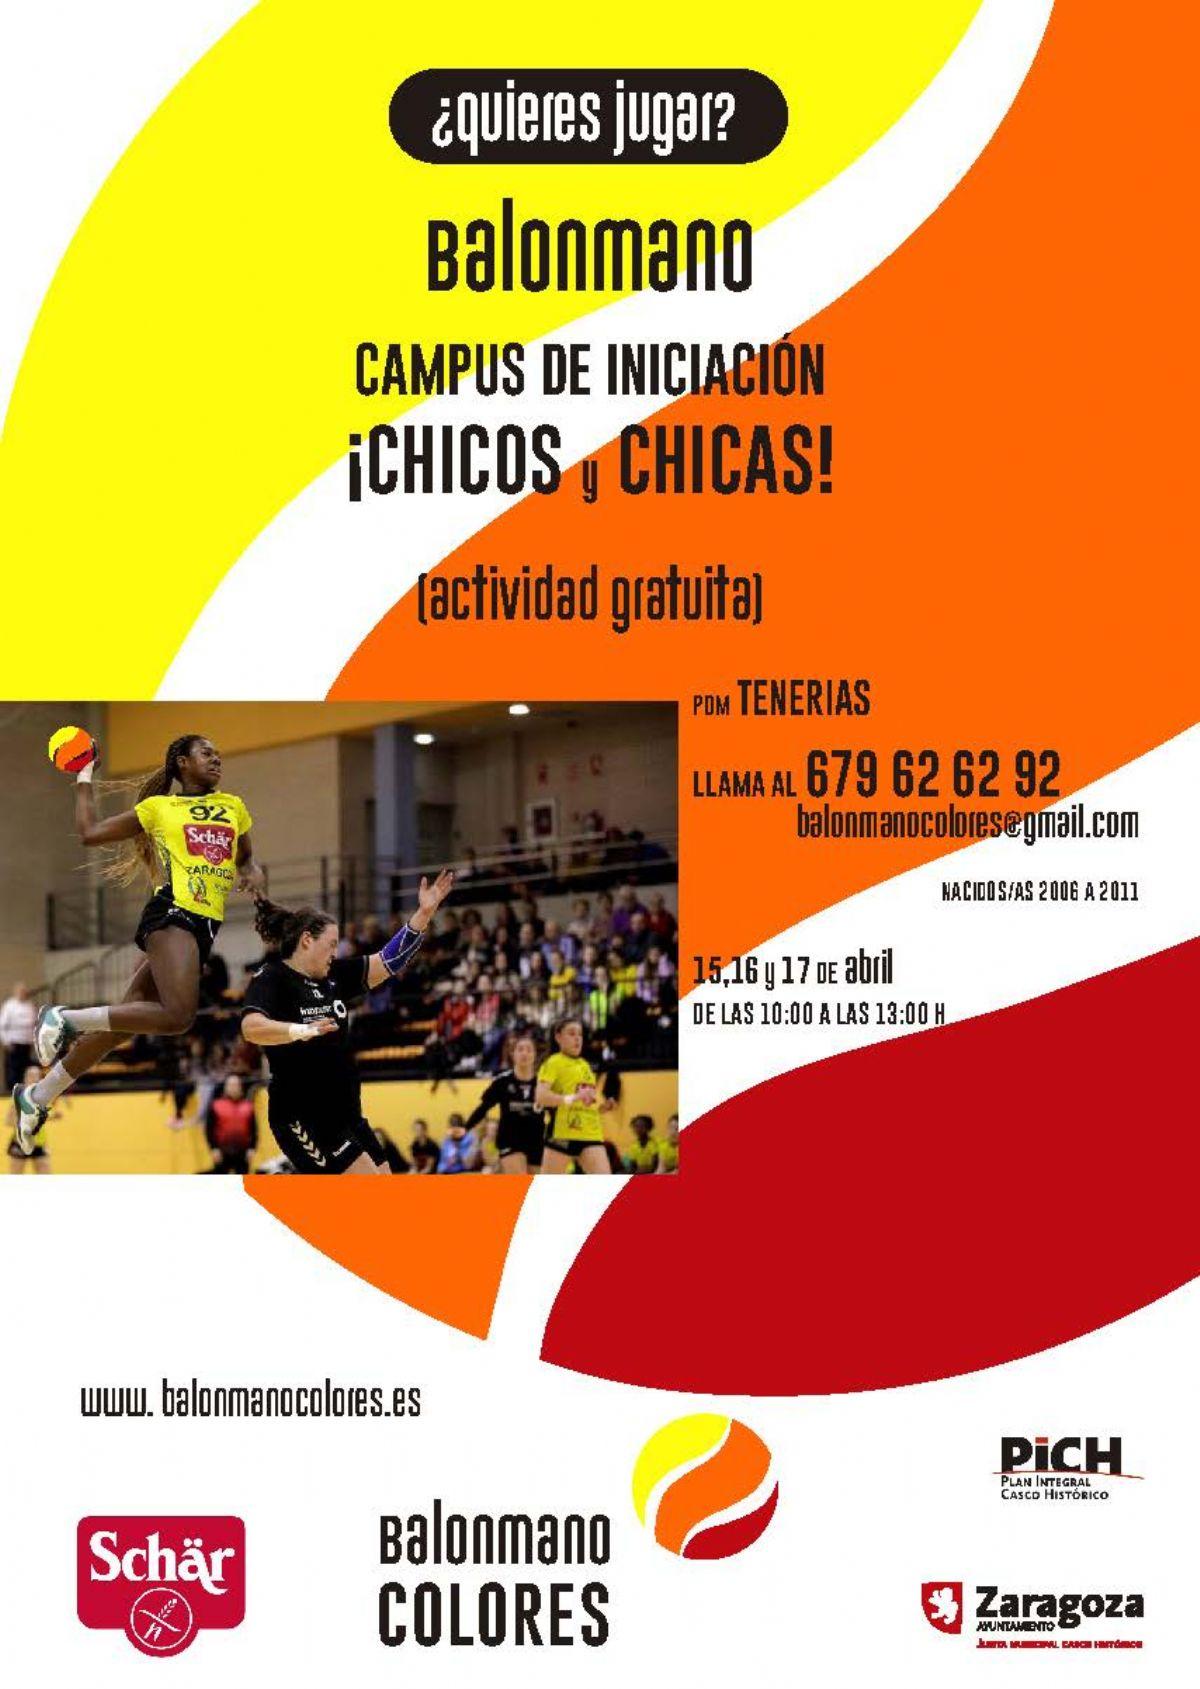 Campus gratuito de iniciación al Balonmano para chicos y chicas